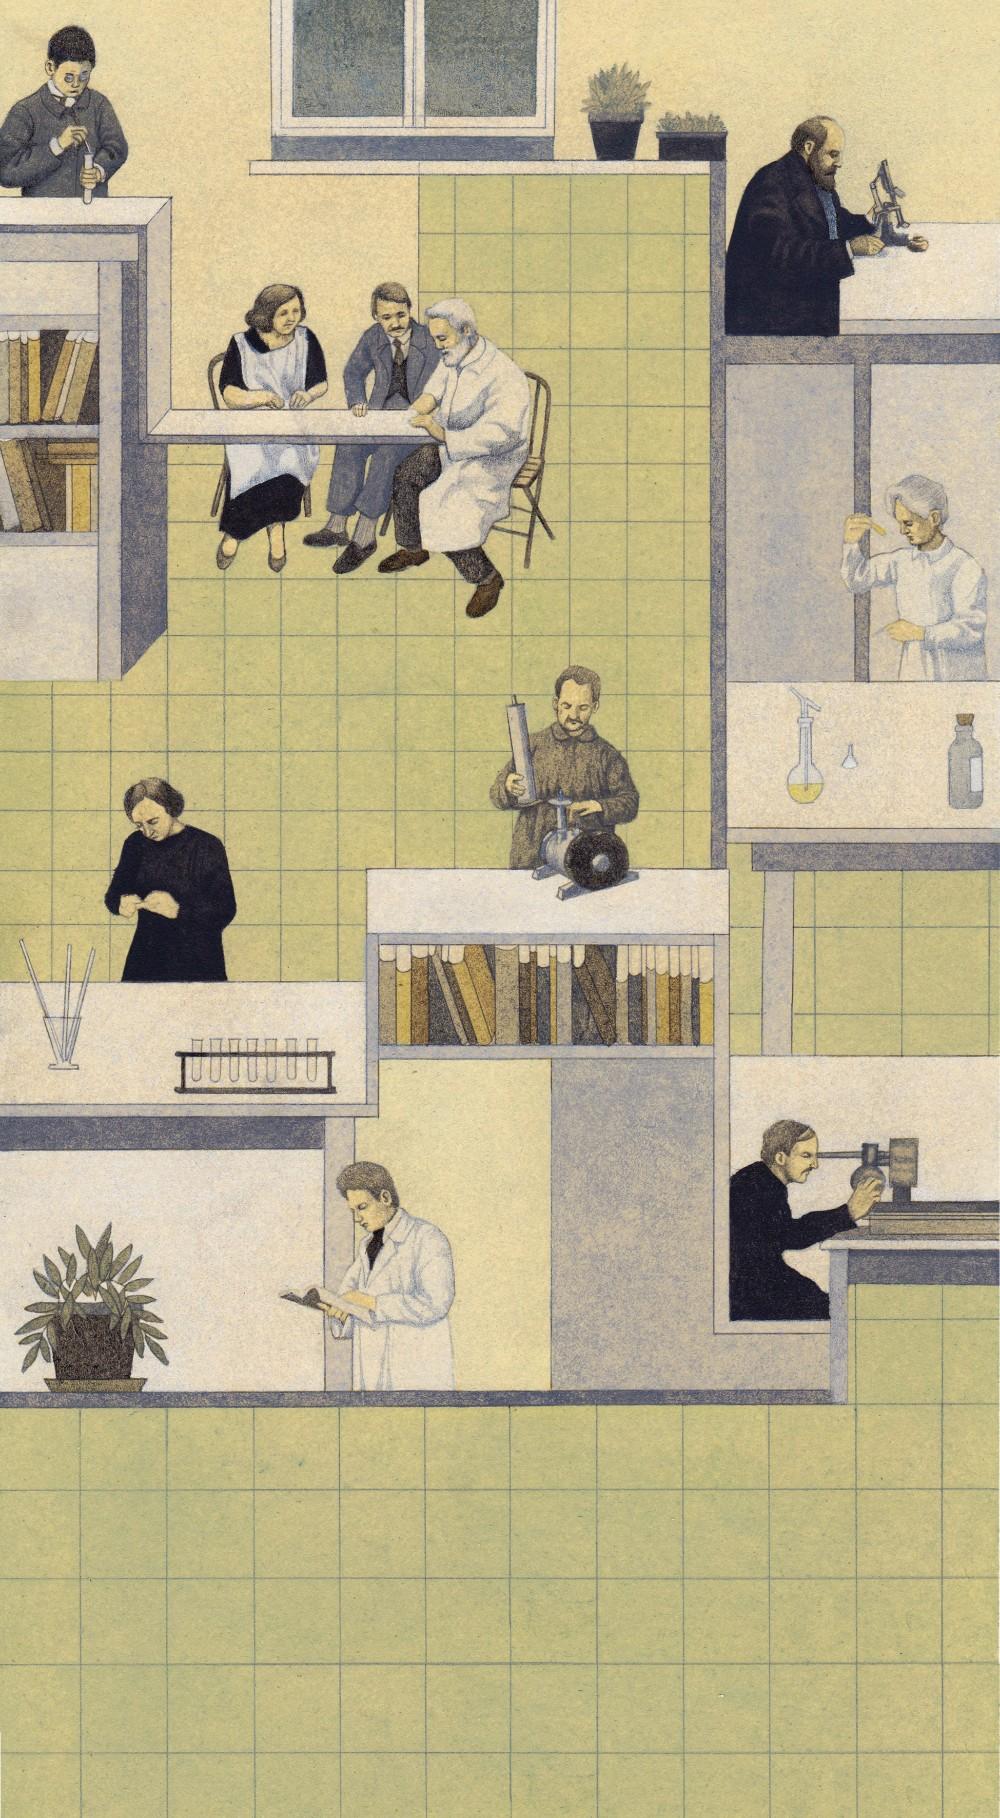 La straordinaria  vita di Marie Skłodowska Curie rivisitata dalla  mani sapienti di Claudia Palmarucci in oltre 80 raffinate immagini